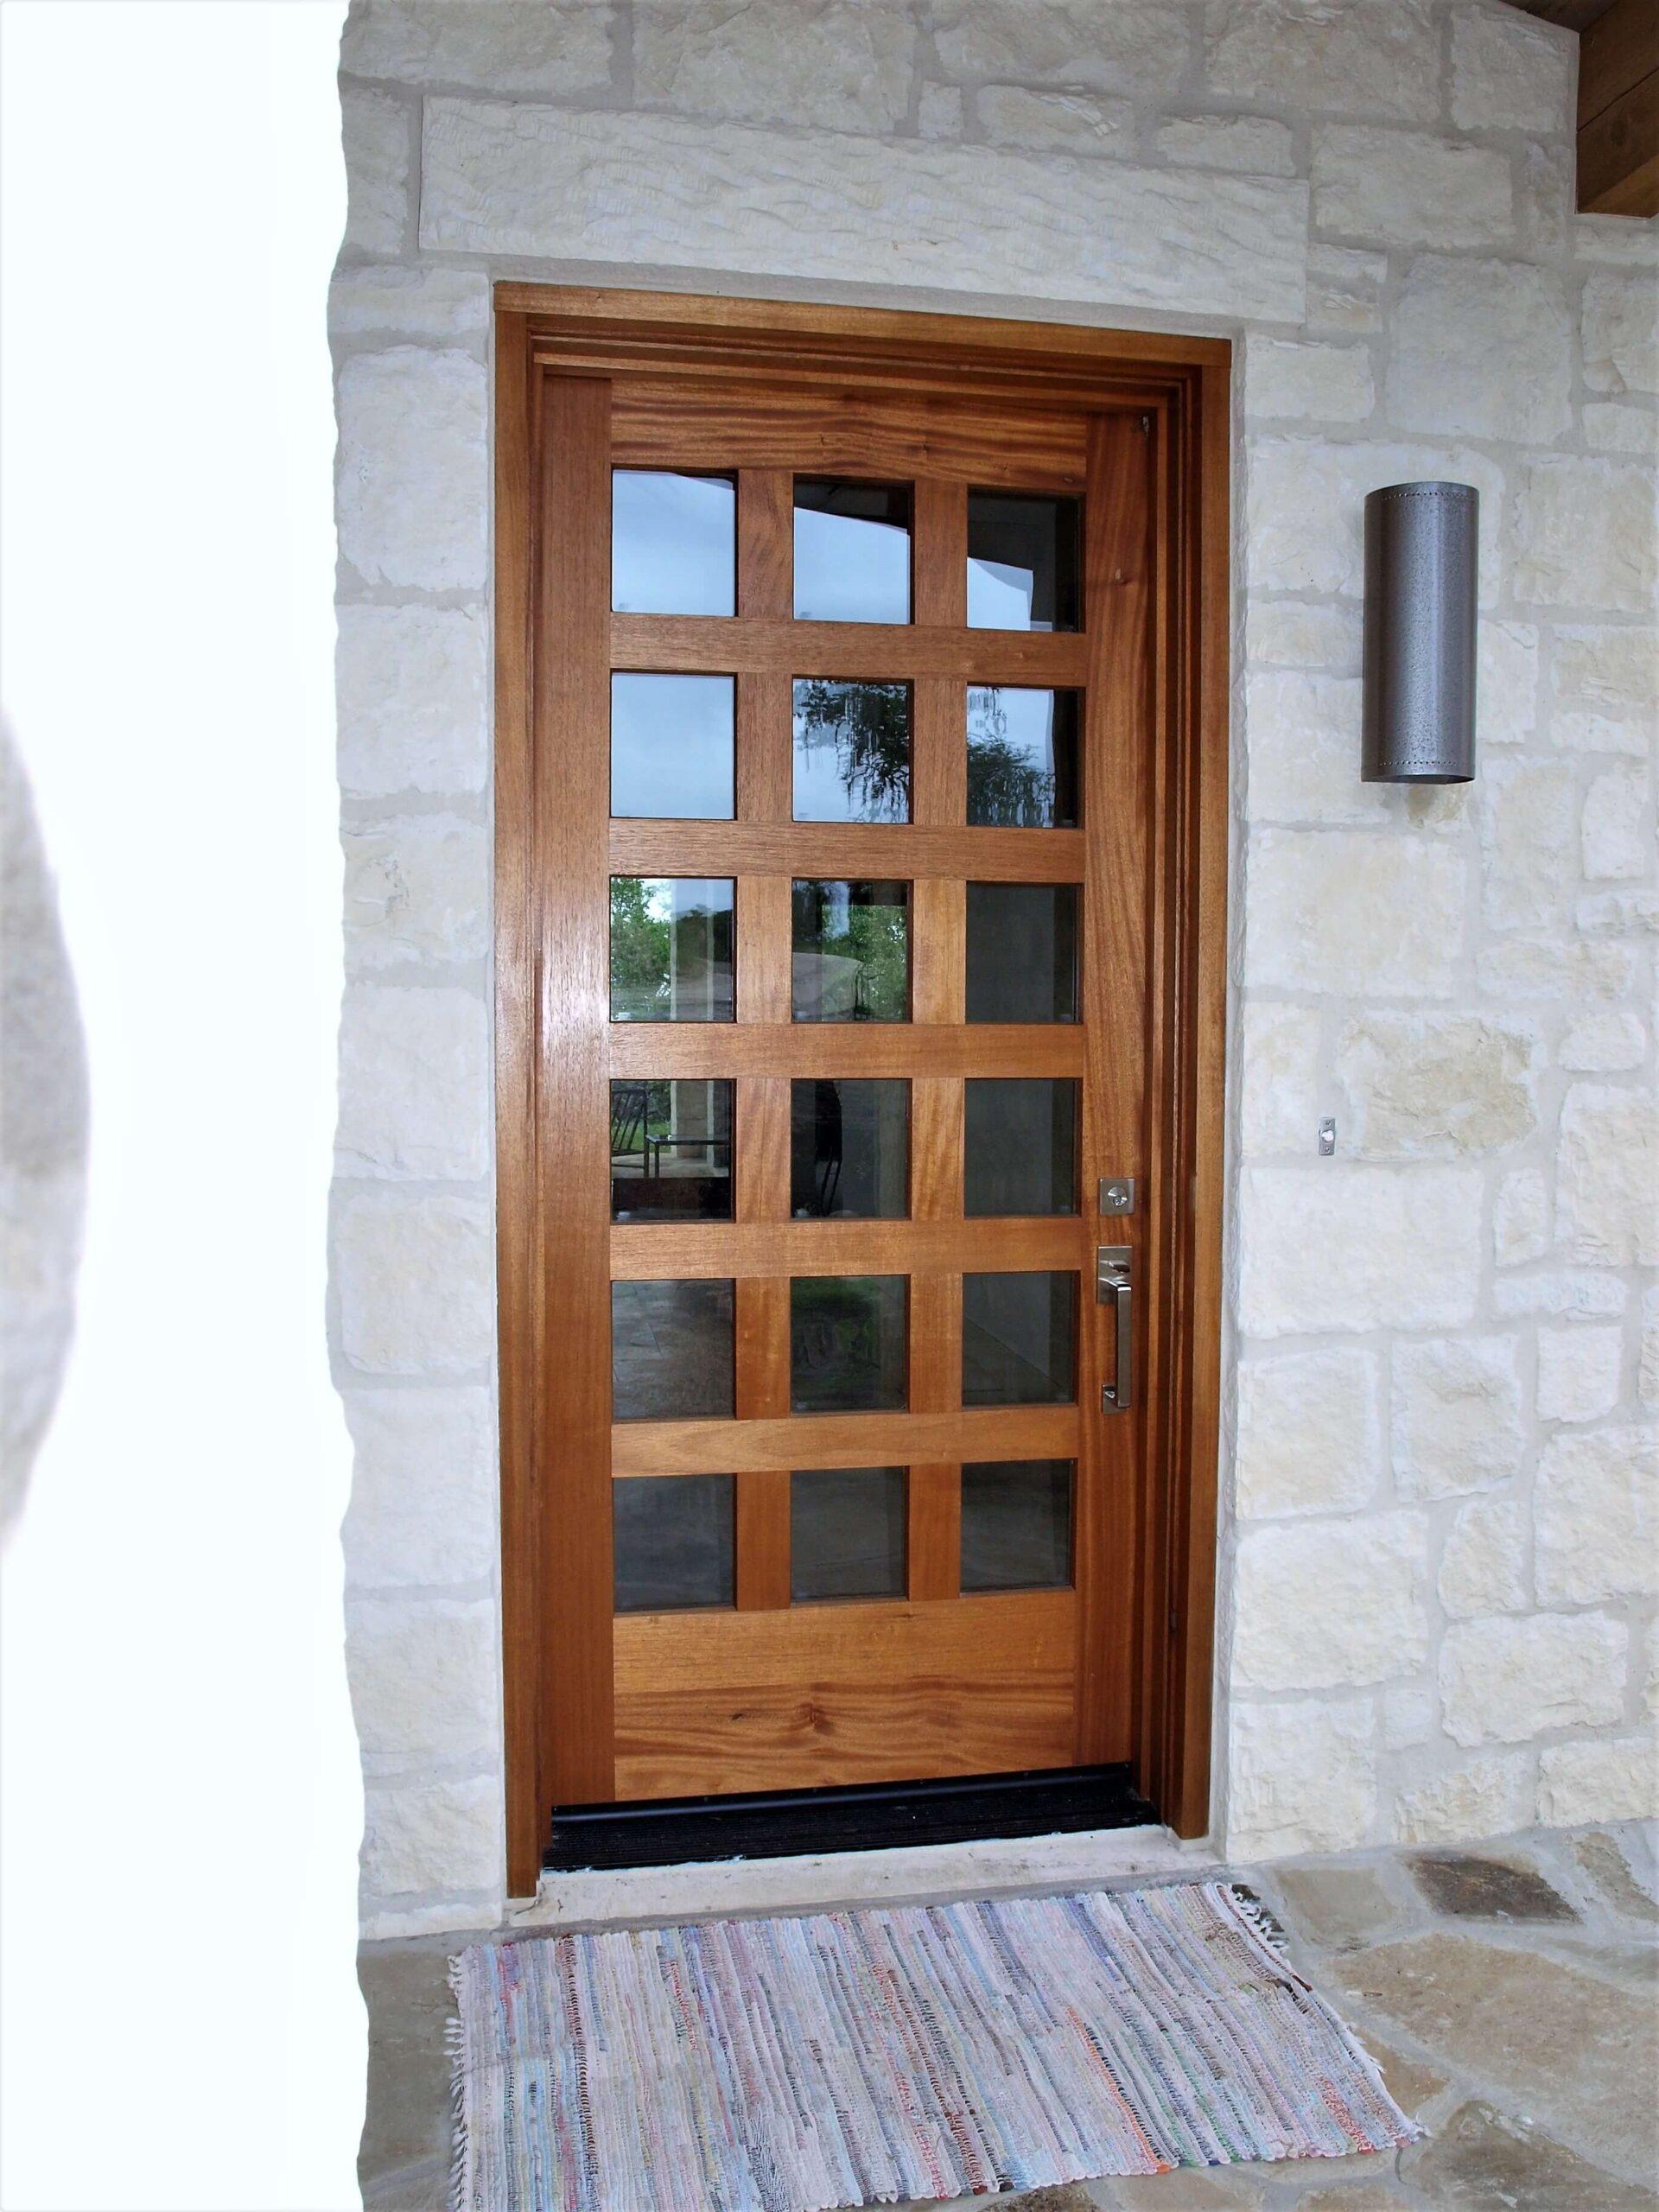 Glass Wooden Artisanal Door